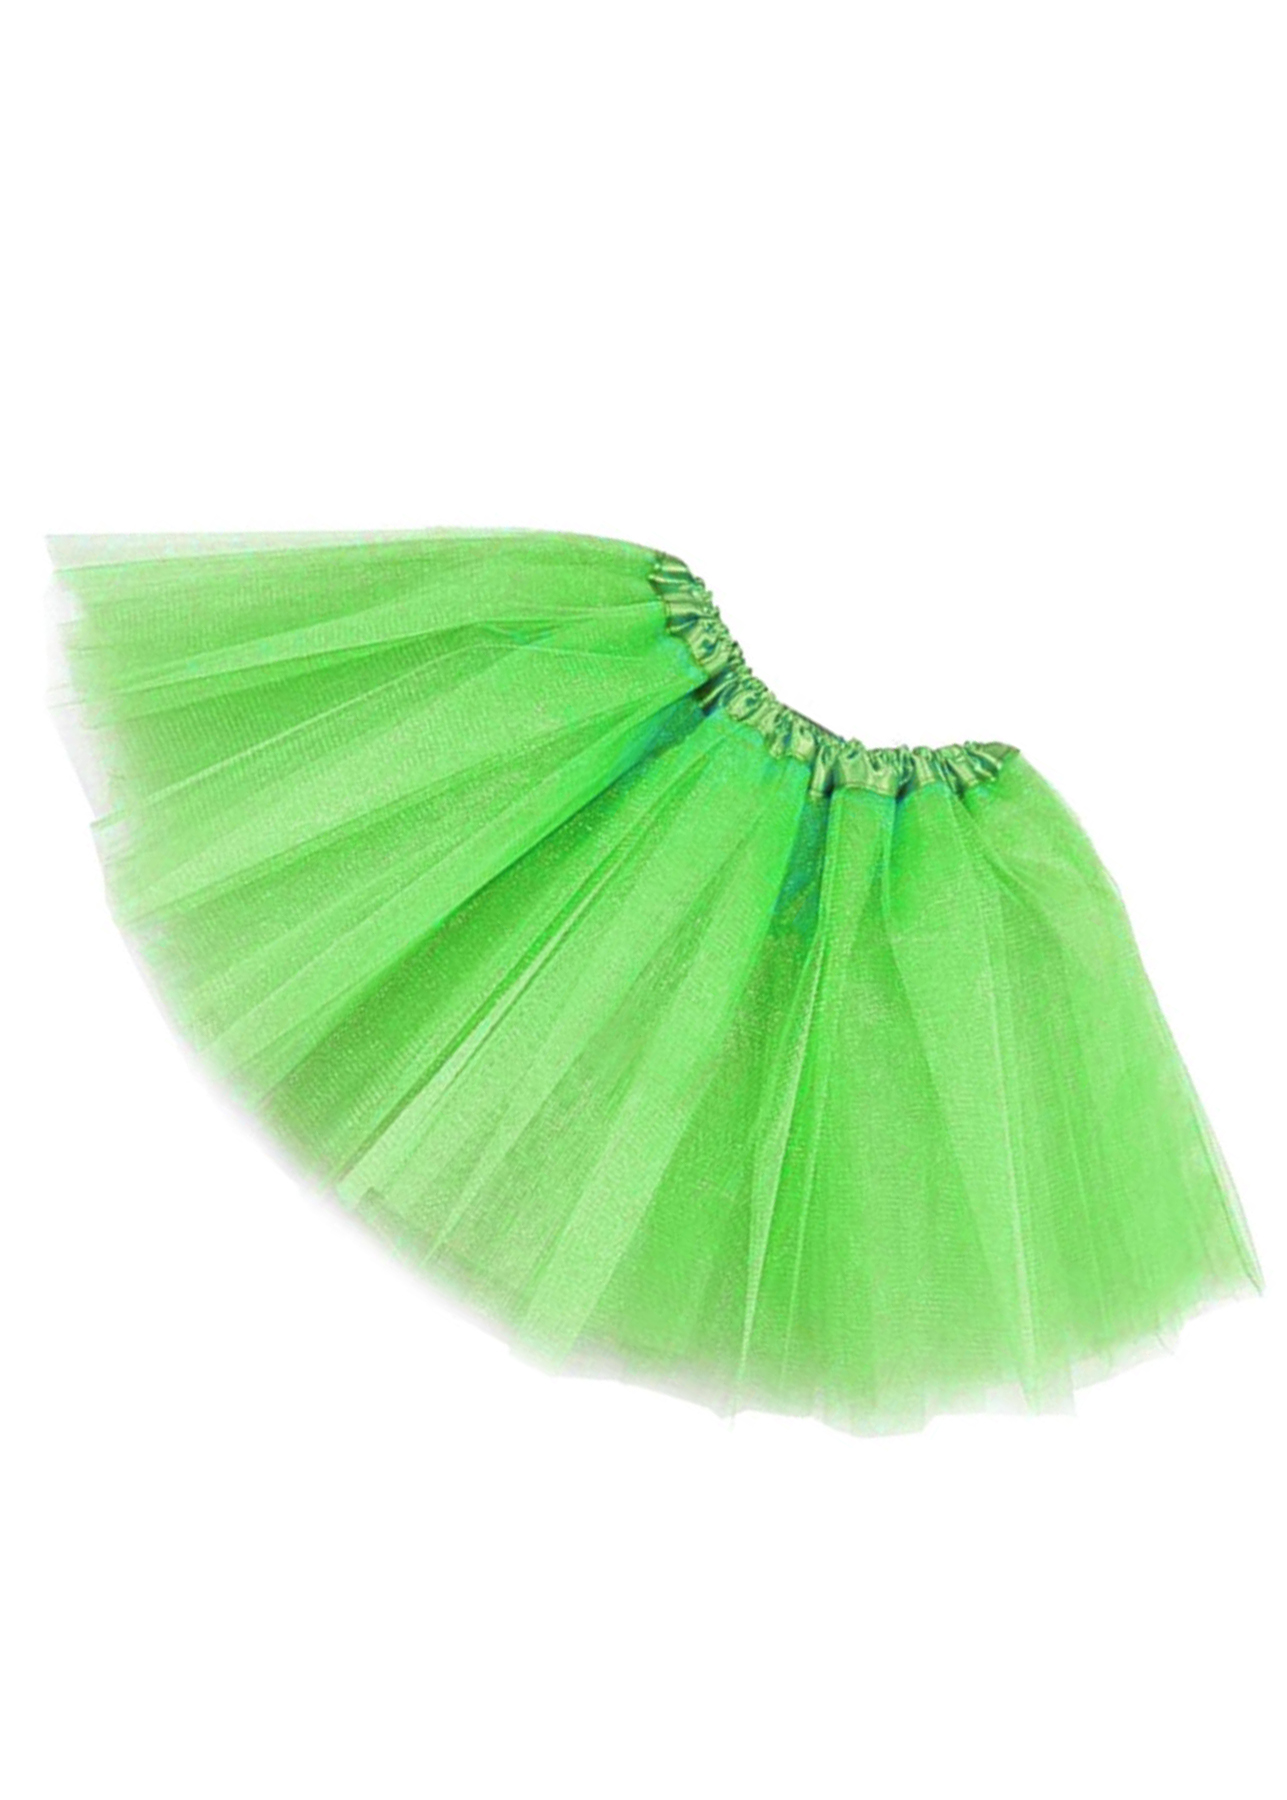 SAF 2016 NEW Women/Adult Organza Dance wear Tutu Ballet Pettiskirt Princess Party Skirt Green